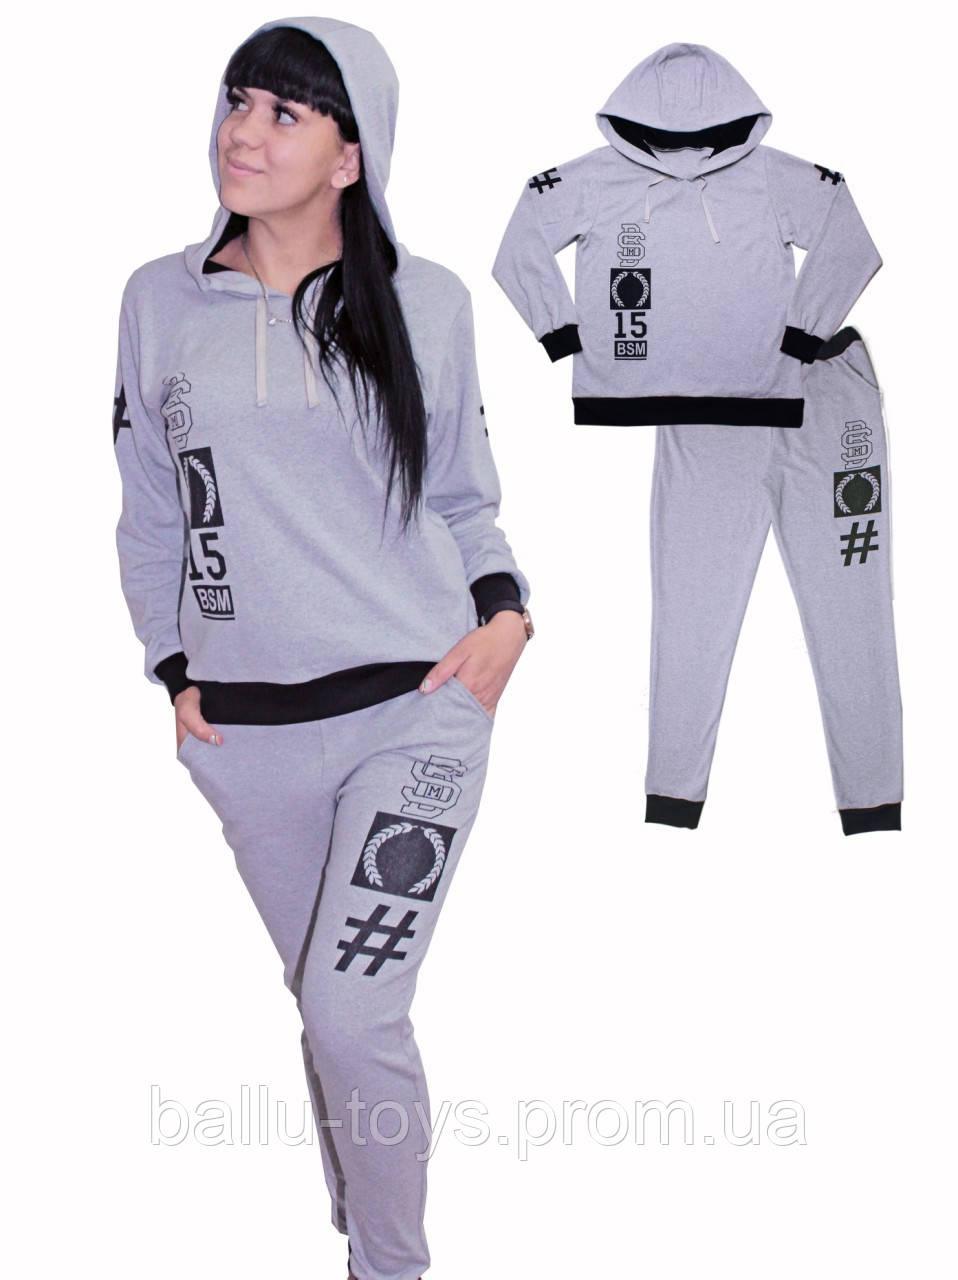 Спортивный костюм подростковый BSM